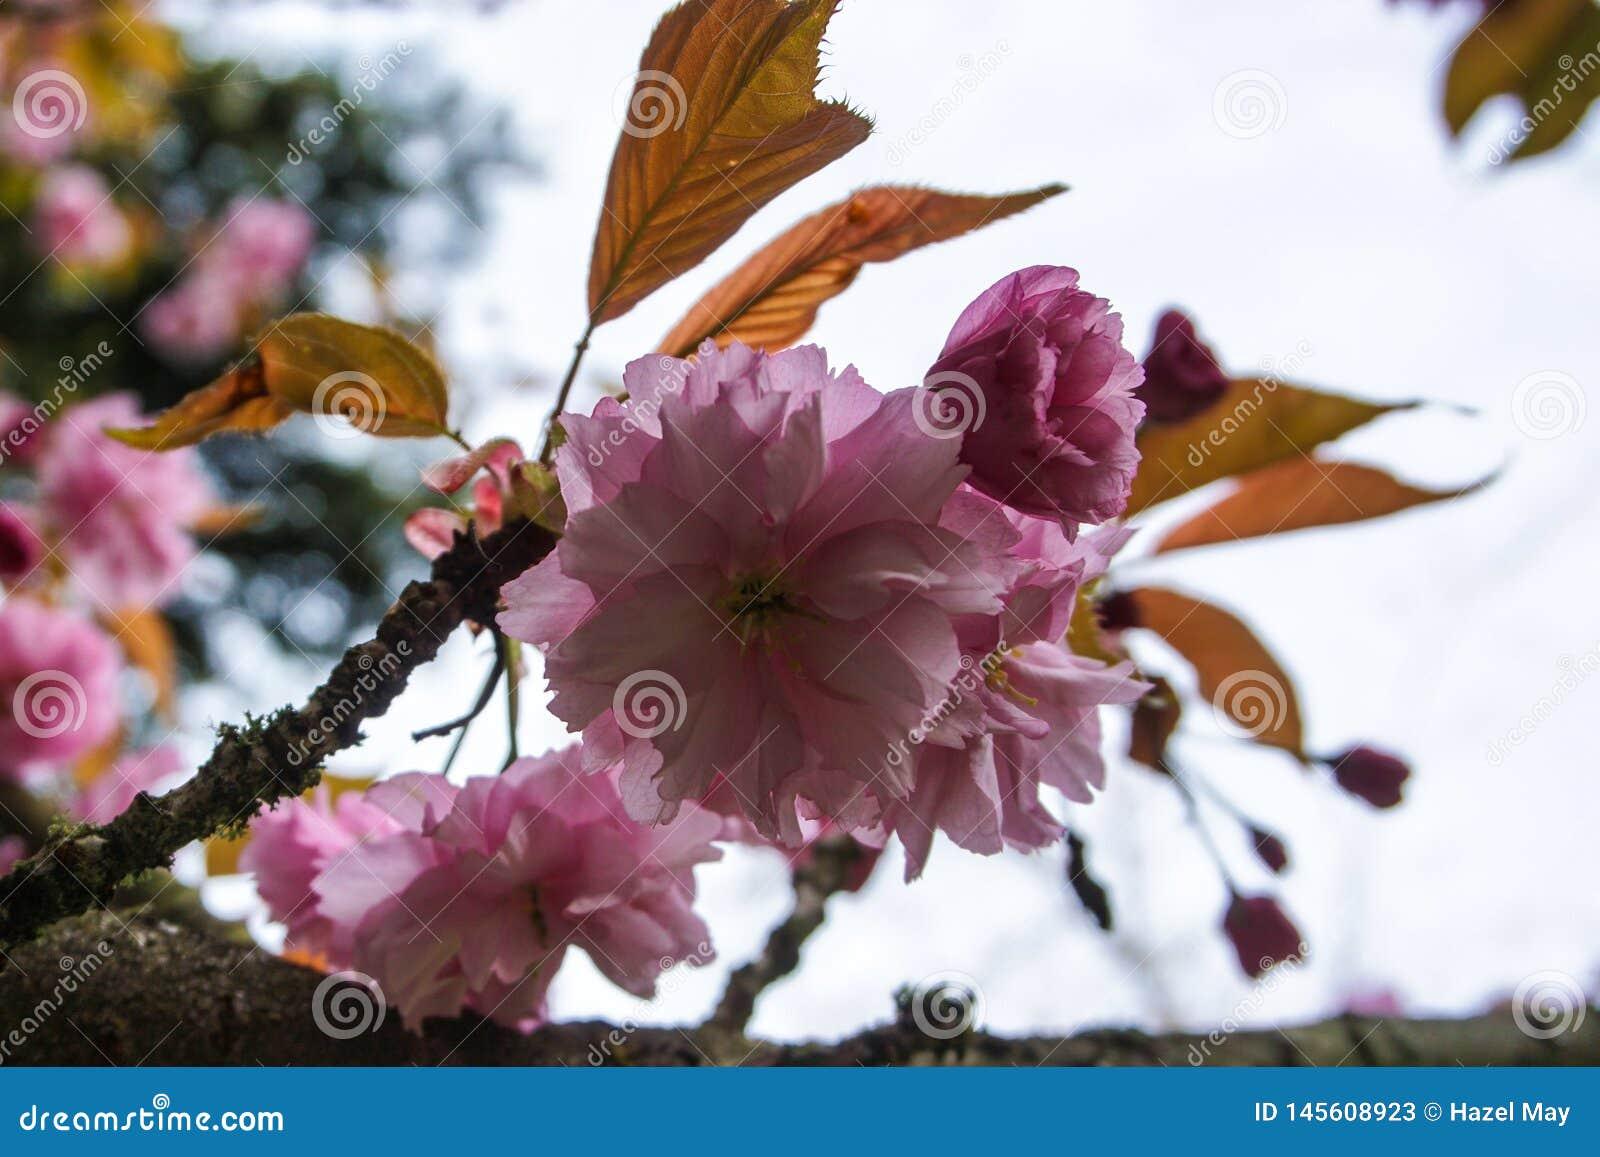 Flor de cerezo rosada en un árbol